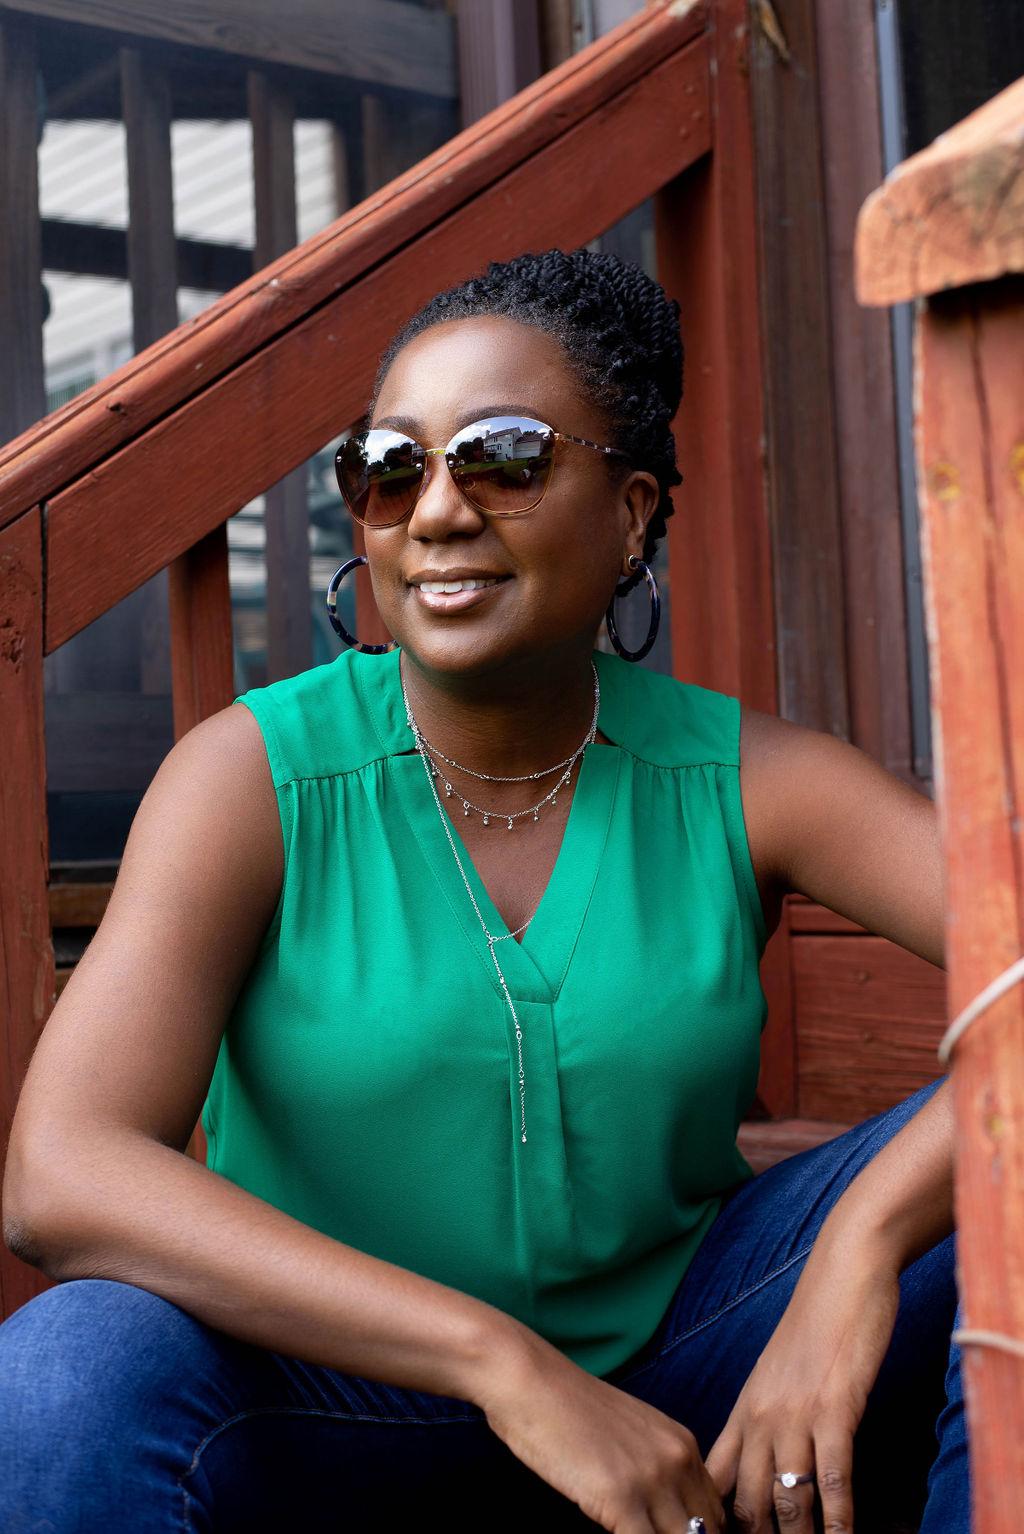 renee_hughes_green_blouse_shades